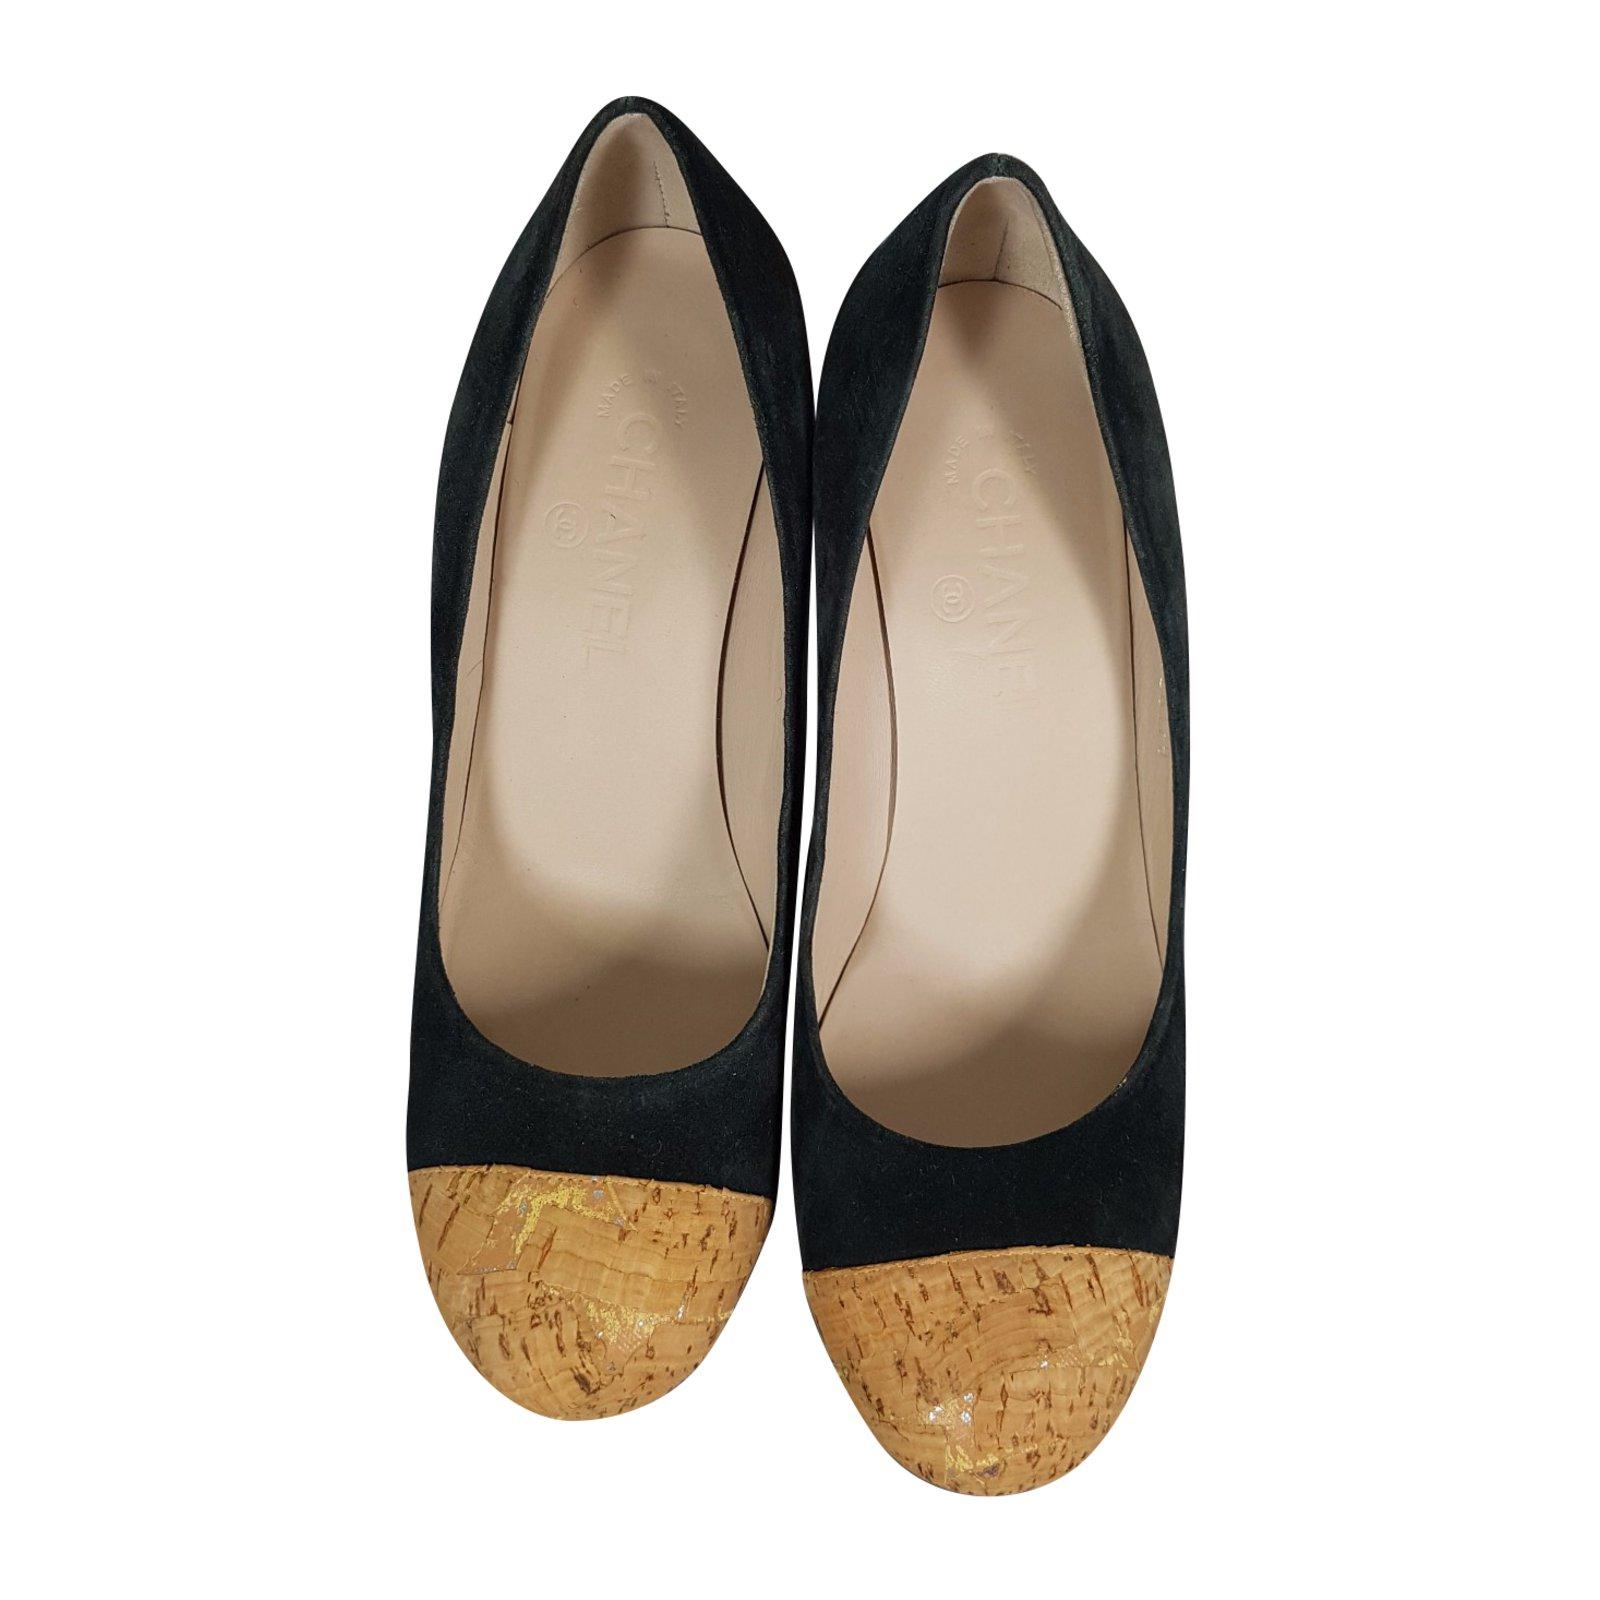 ba6f5f83ebb Escarpins Chanel Escarpins Daim Bleu ref.45305 - Joli Closet